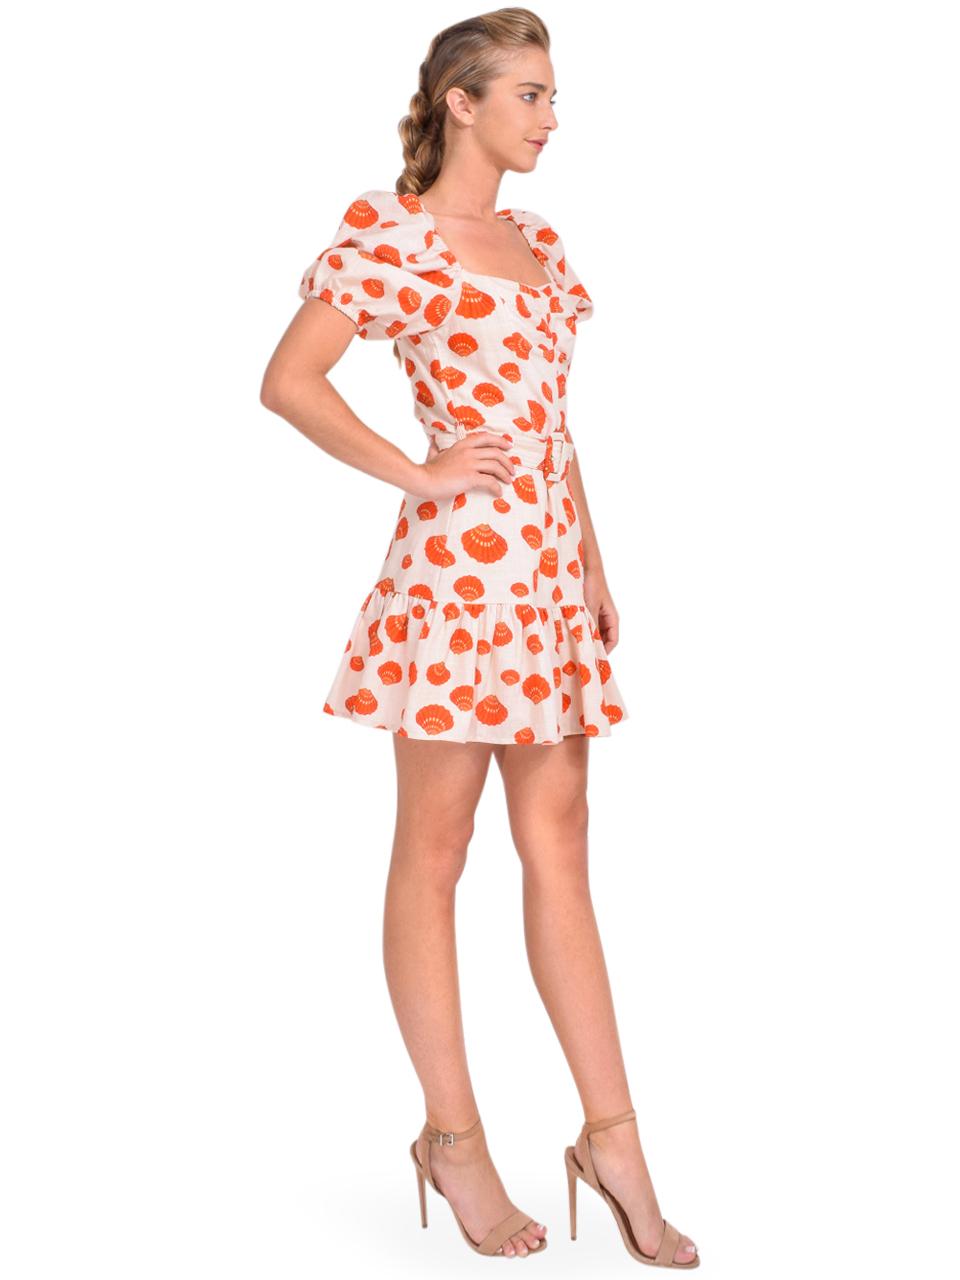 Karina Grimaldi Juliet Print Mini Dress in Tangerine Shells Side View